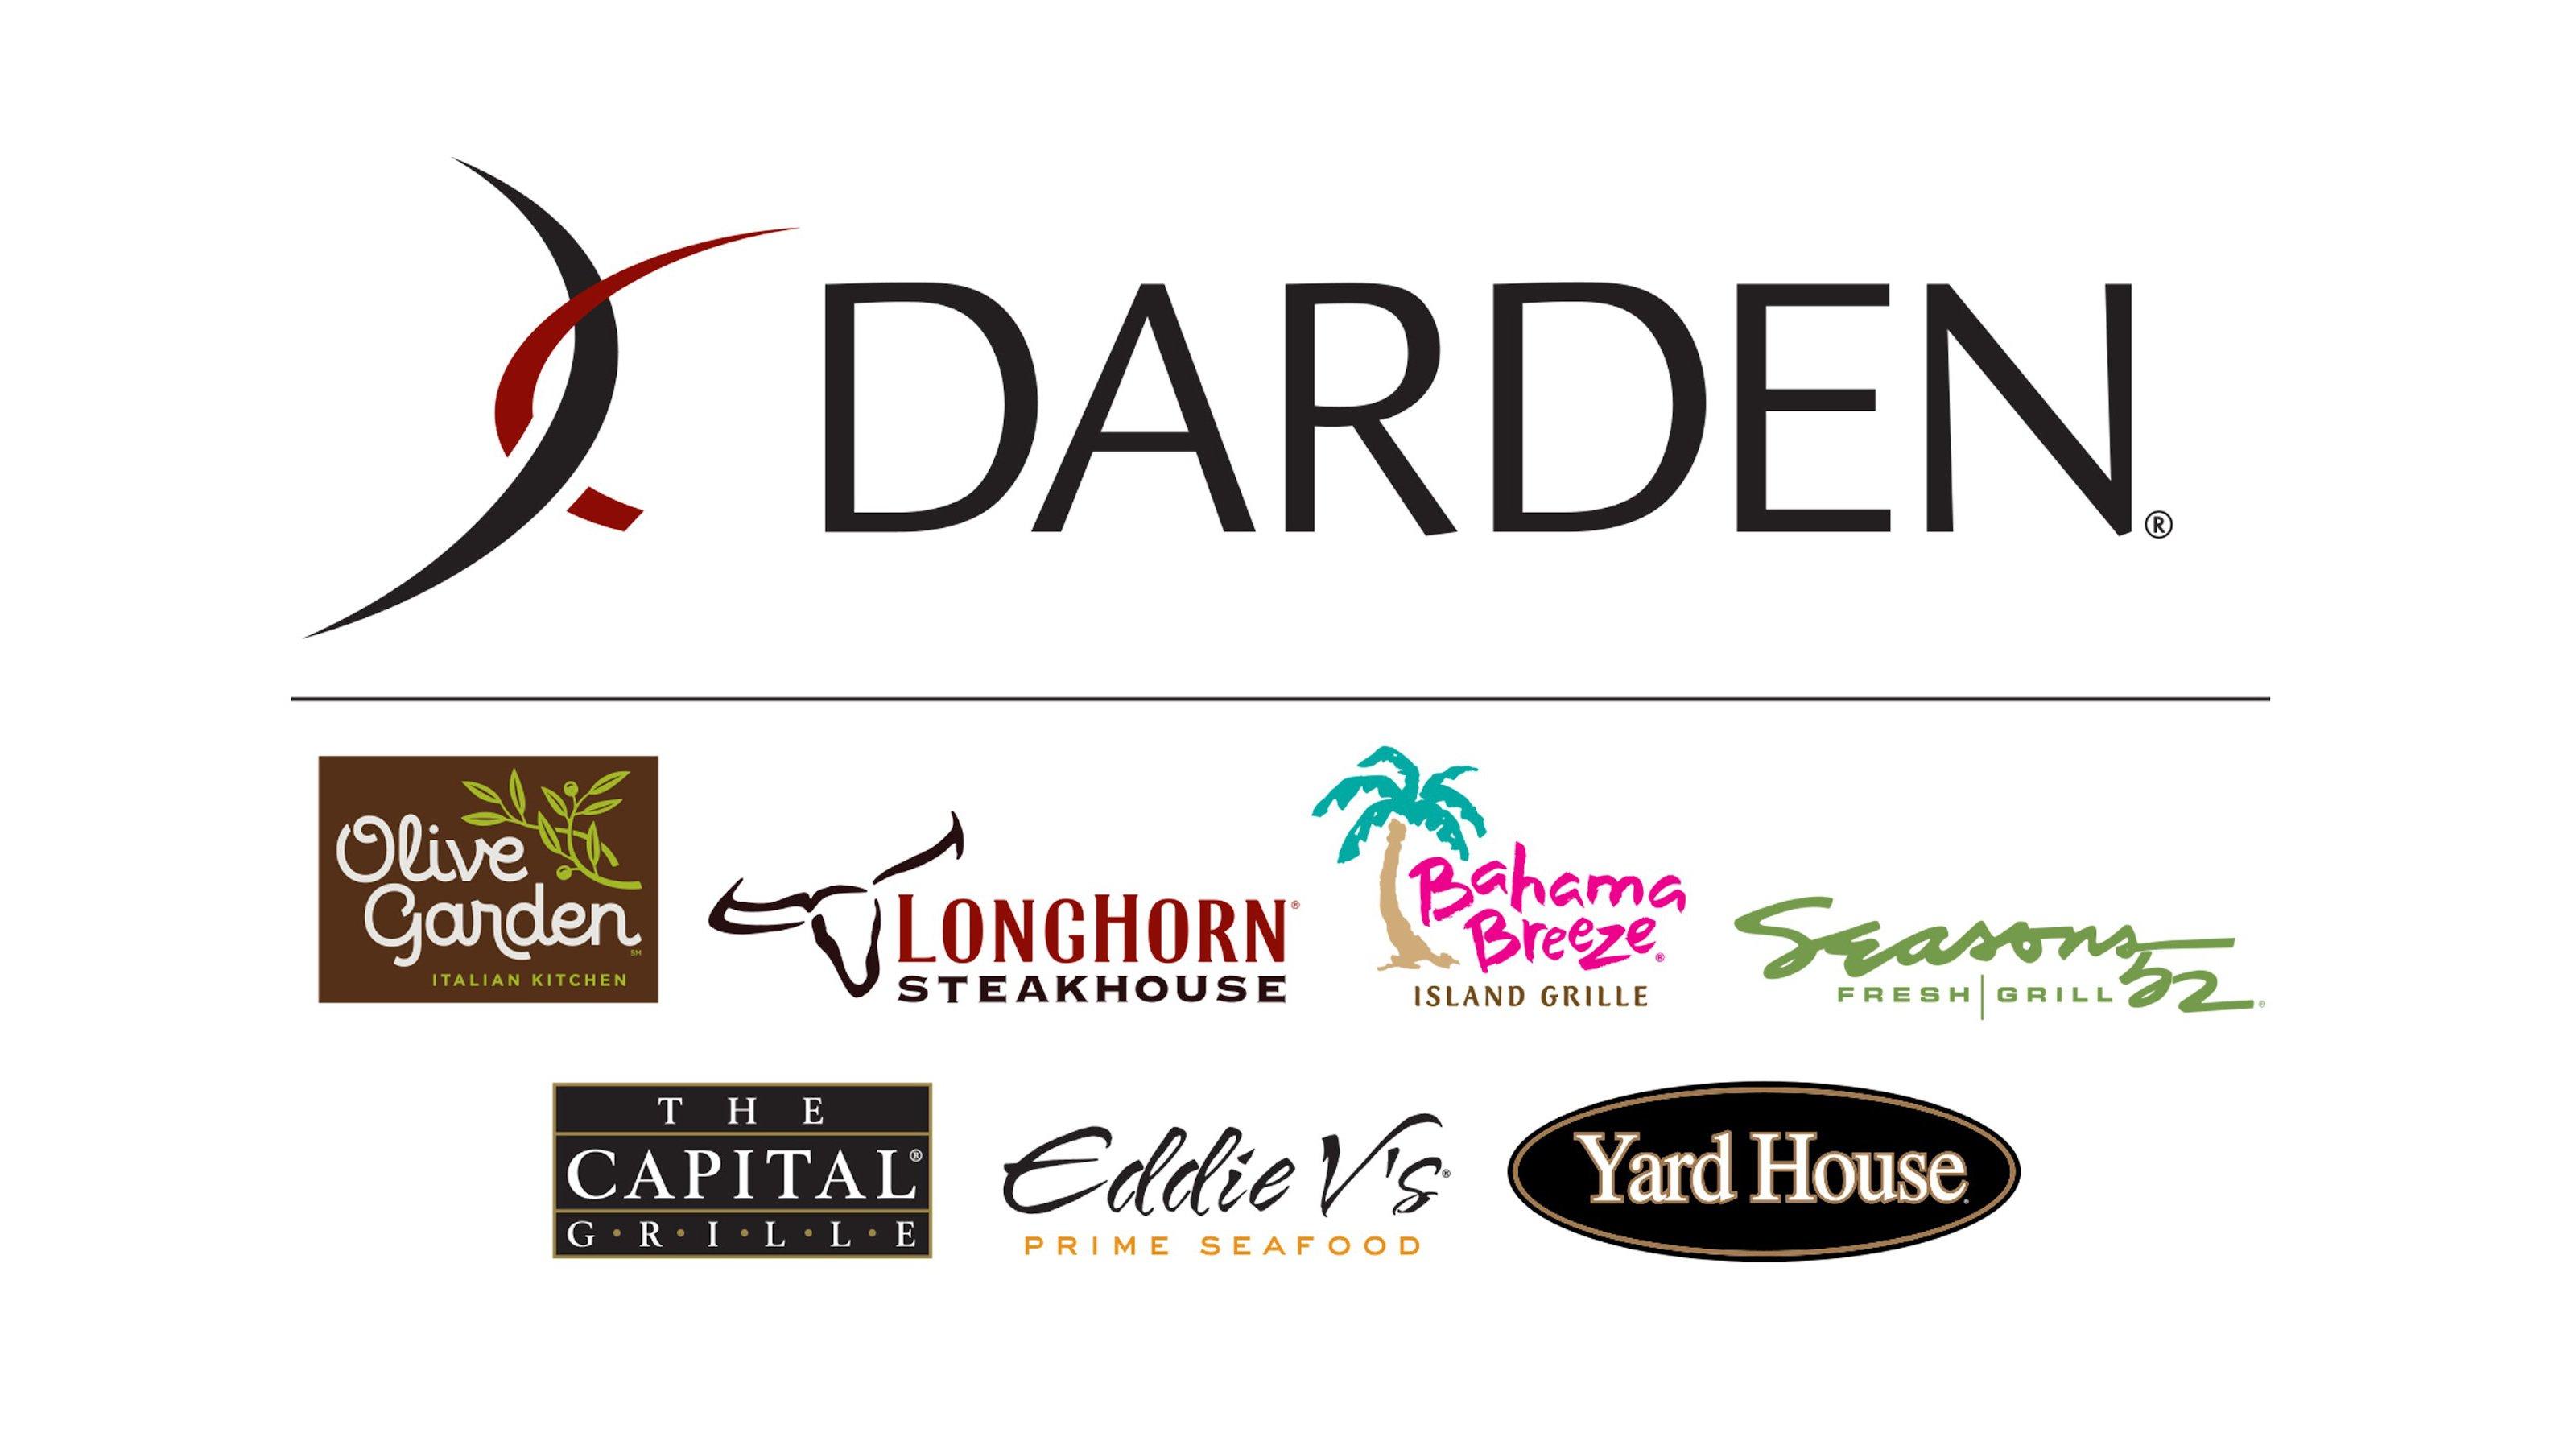 Darden Restaurants (DRI) e altri loghi